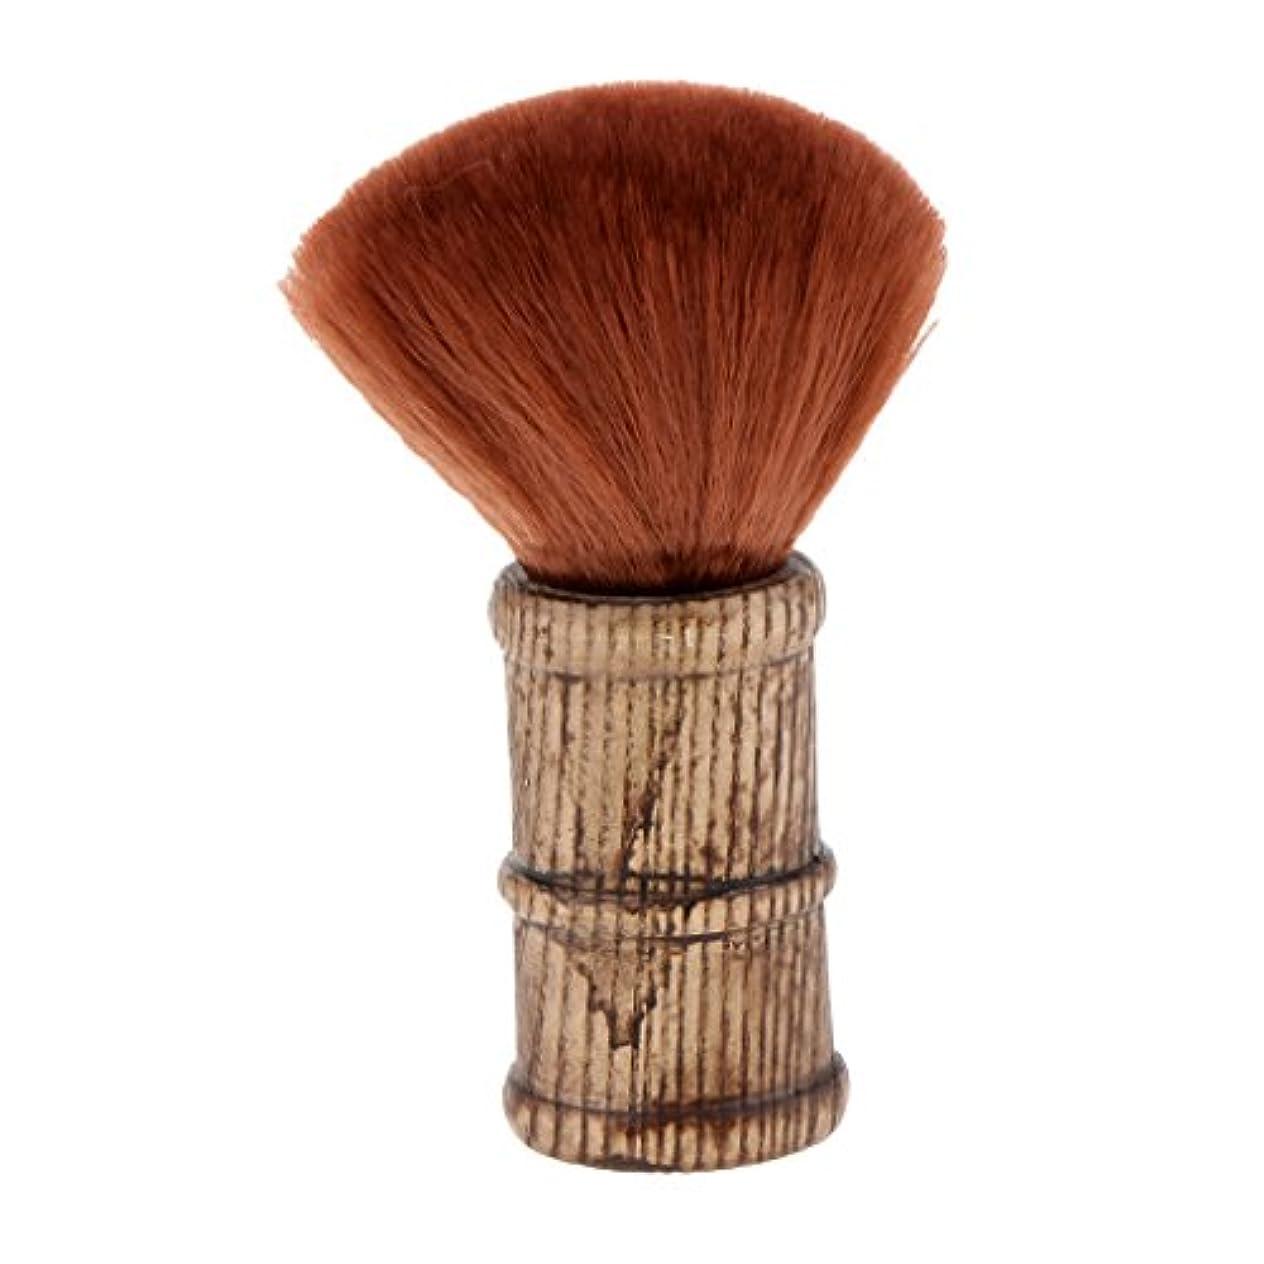 麦芽未亡人砲撃ネックダスターブラシ ヘアカットブラシ メイクブラシ サロン 理髪師 2色選べ - 褐色